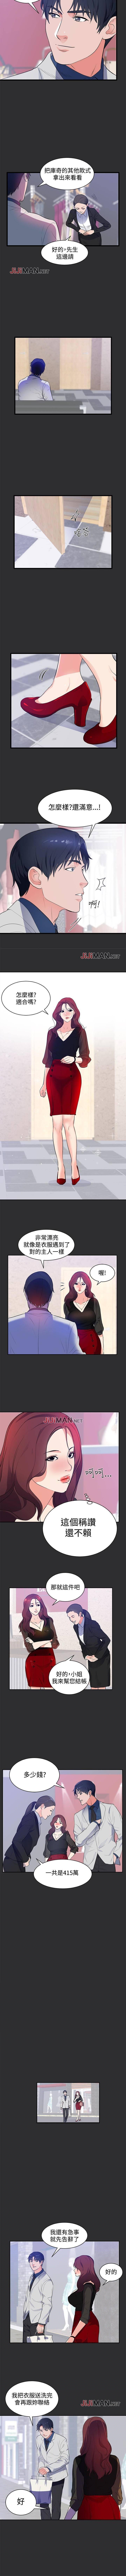 【已完结】性癖好(作者:主寧 & 洗髮精) 第1~30话 70